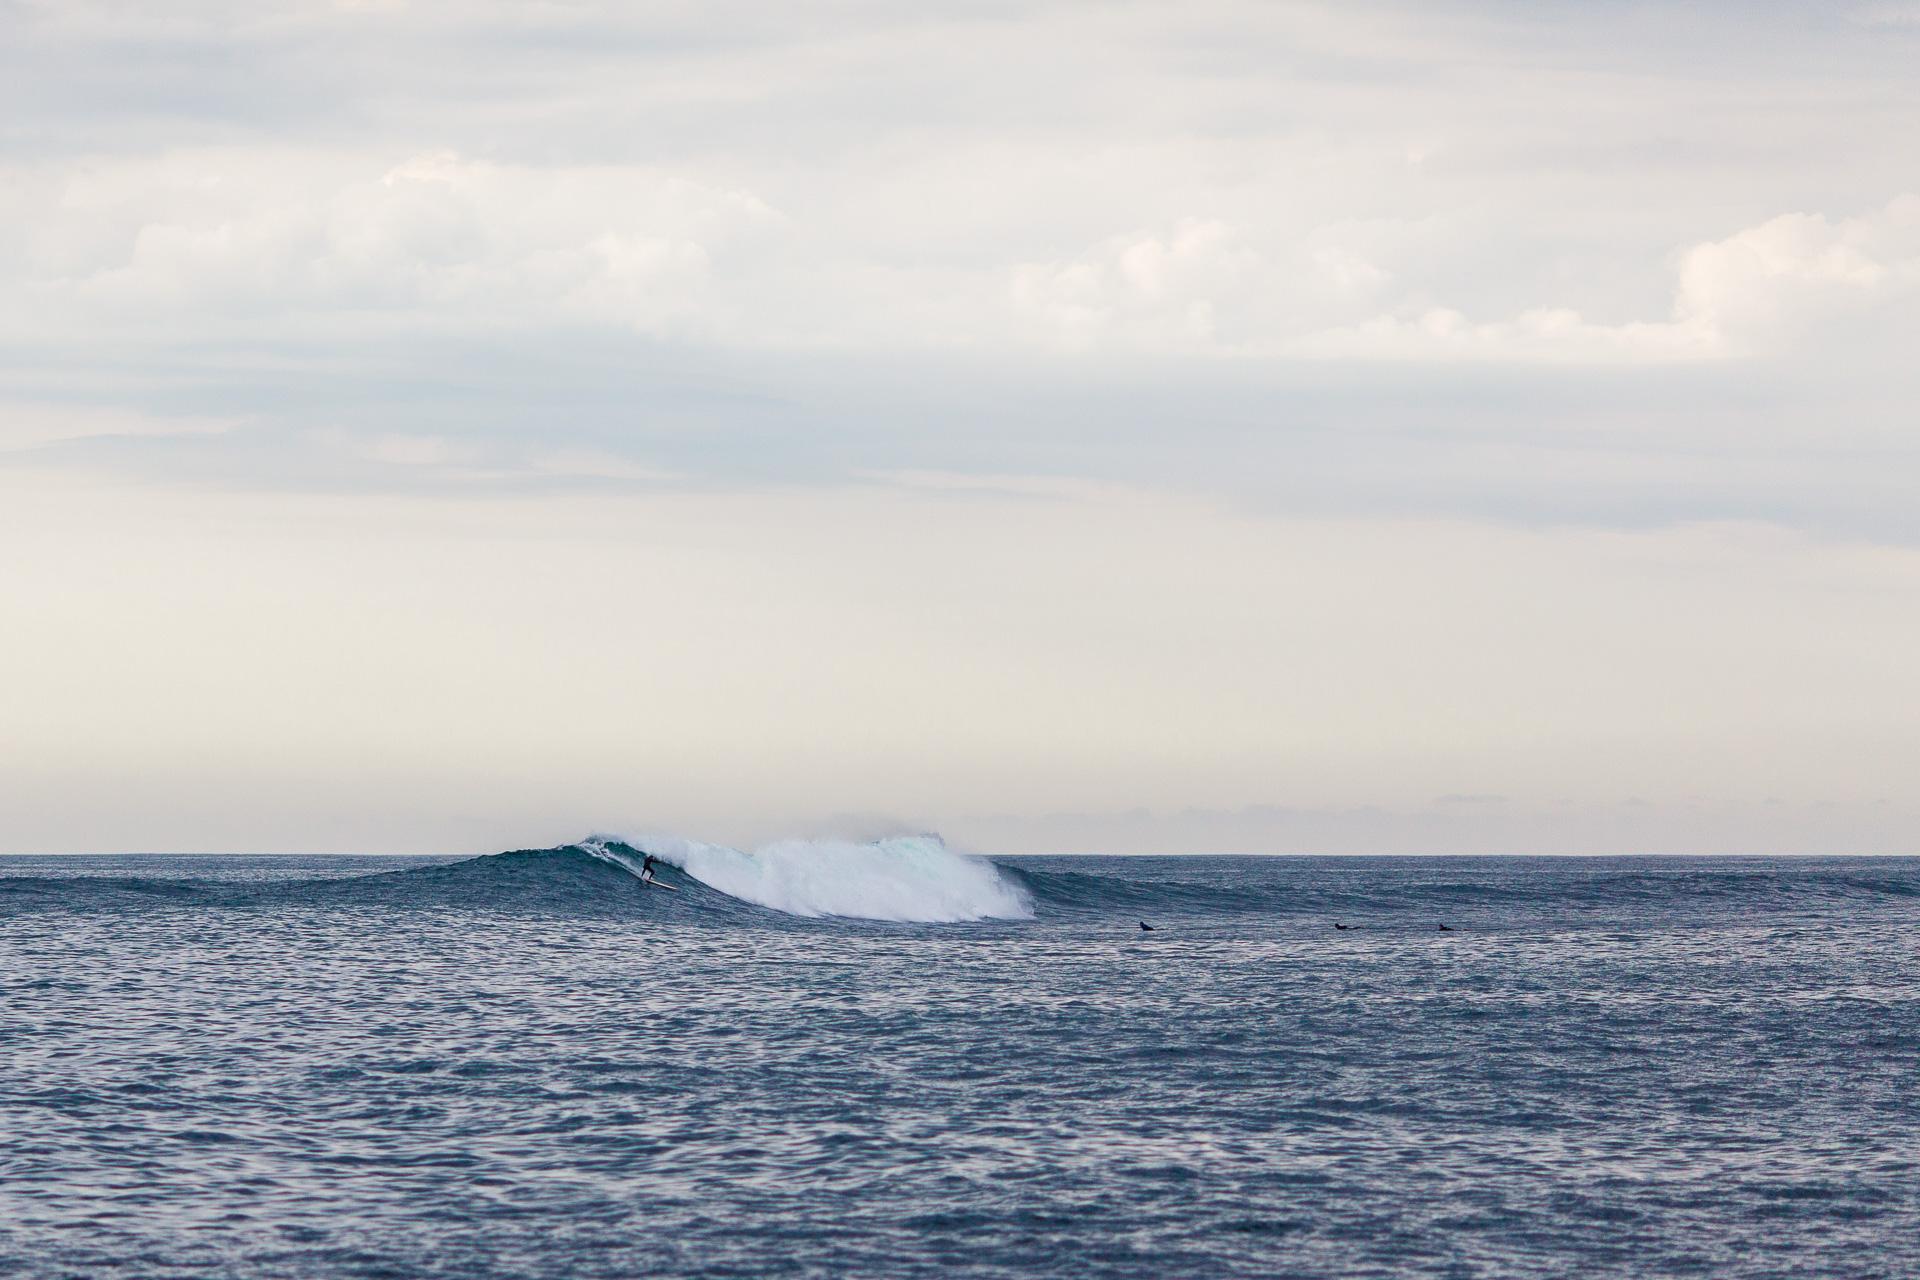 Damien-Dohmen-photographe-Ocean-23